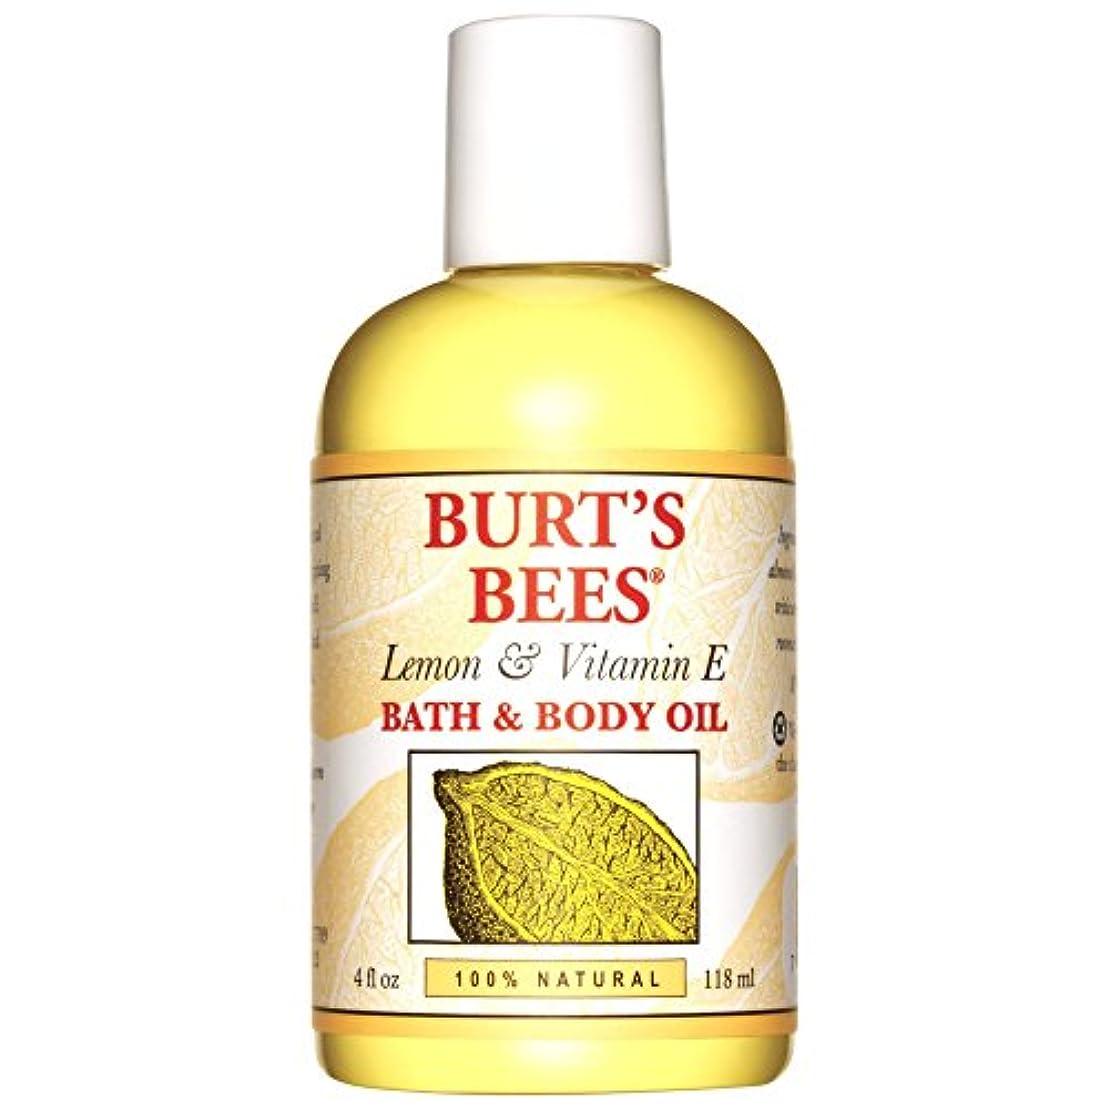 グリーンランドルネッサンスフェザーバーツビーレモンとビタミンEバス、ボディオイル118ミリリットル (Burt's Bees) - Burt's Bees Lemon and Vitamin E Bath and Body Oil 118ml [並行輸入品]